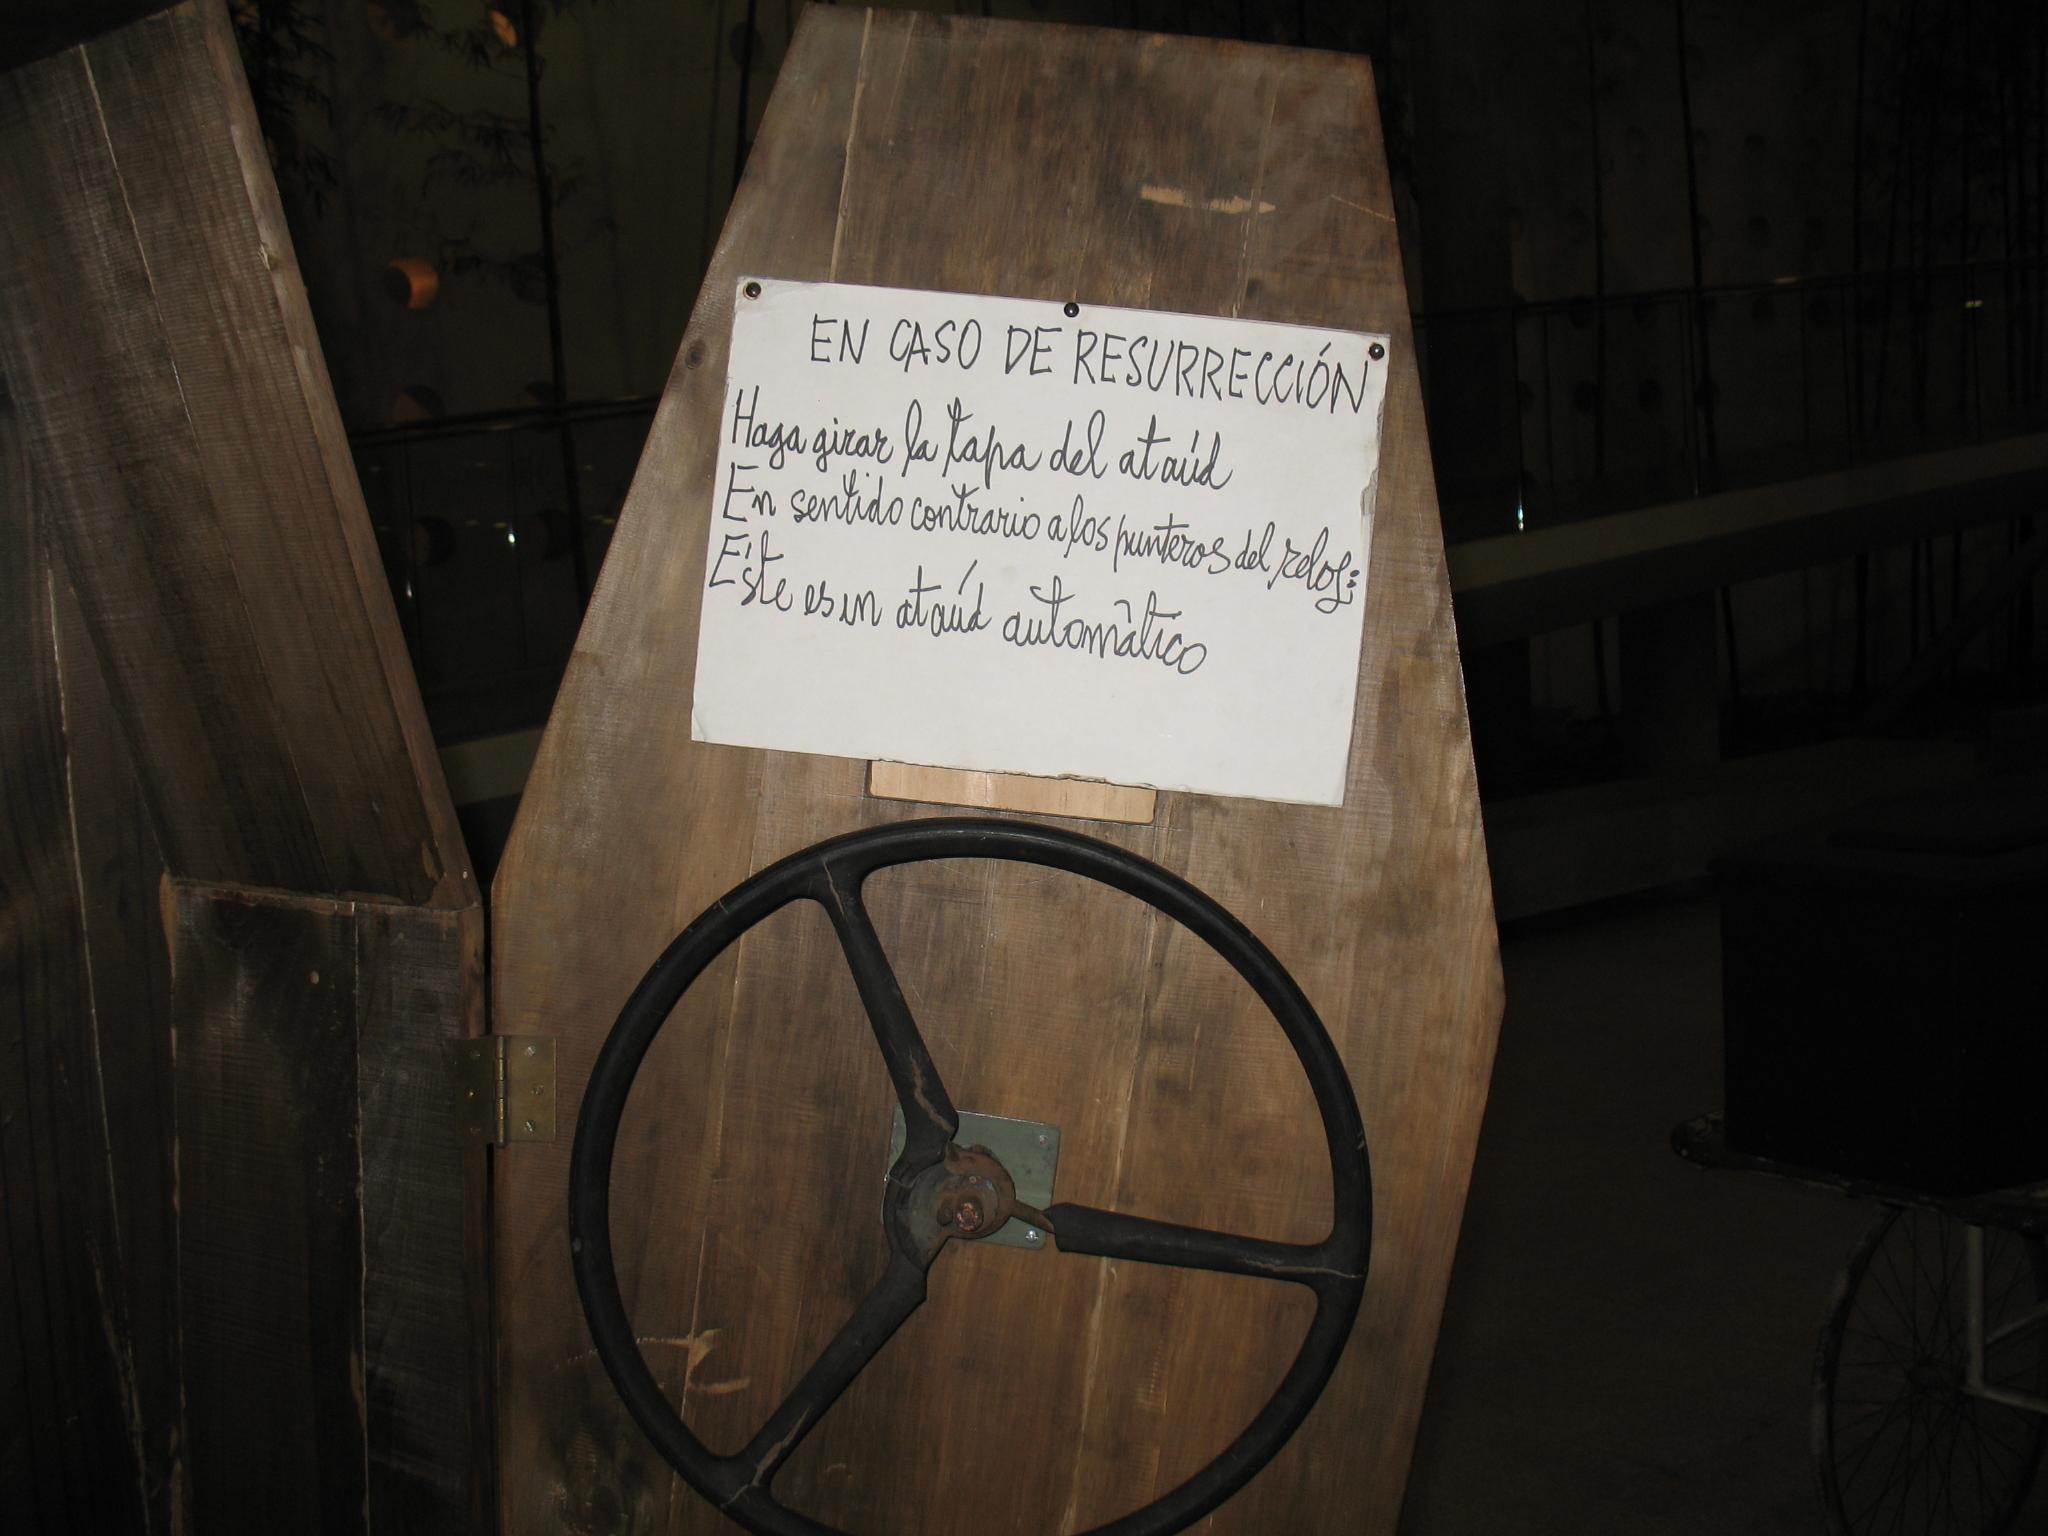 Un «artefacto» de Parra relacionado con la muerte, tema recurrente de su obra.